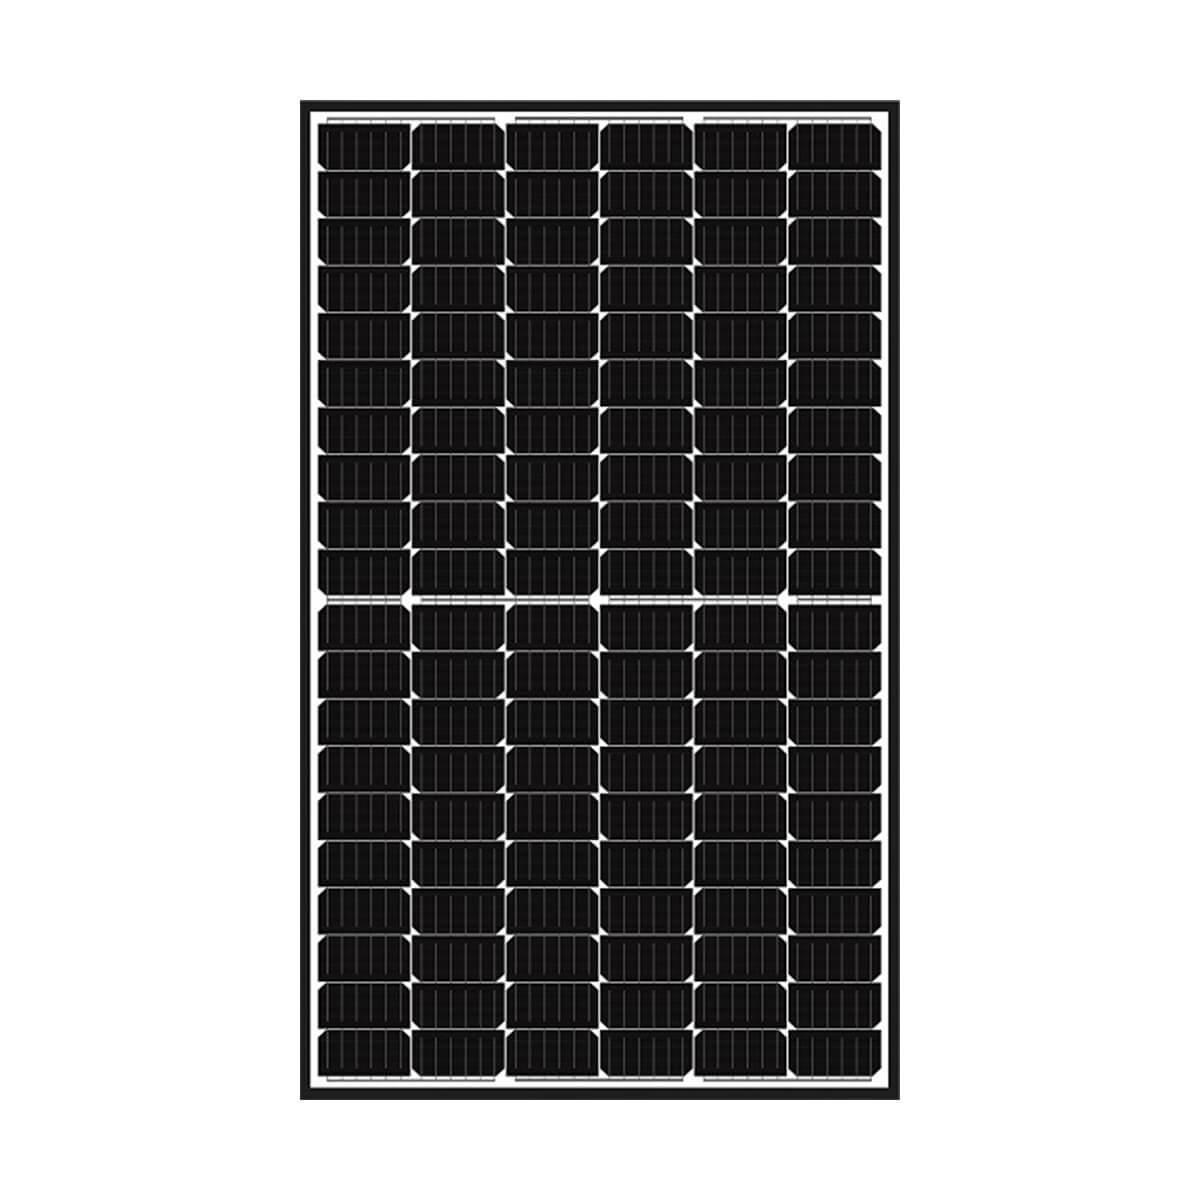 seraphim 375W panel, seraphim 375Watt panel, seraphim 375 W panel, seraphim 375 Watt panel, seraphim 375 Watt monokristal half cut panel, seraphim 375 W watt gunes paneli, seraphim 375 W watt monokristal half cut gunes paneli, seraphim 375 W Watt fotovoltaik monokristal half cut solar panel, seraphim 375W monokristal half cut gunes enerjisi, seraphim SRP-375-BMA-HV panel, SERAPHIM 375 WATT